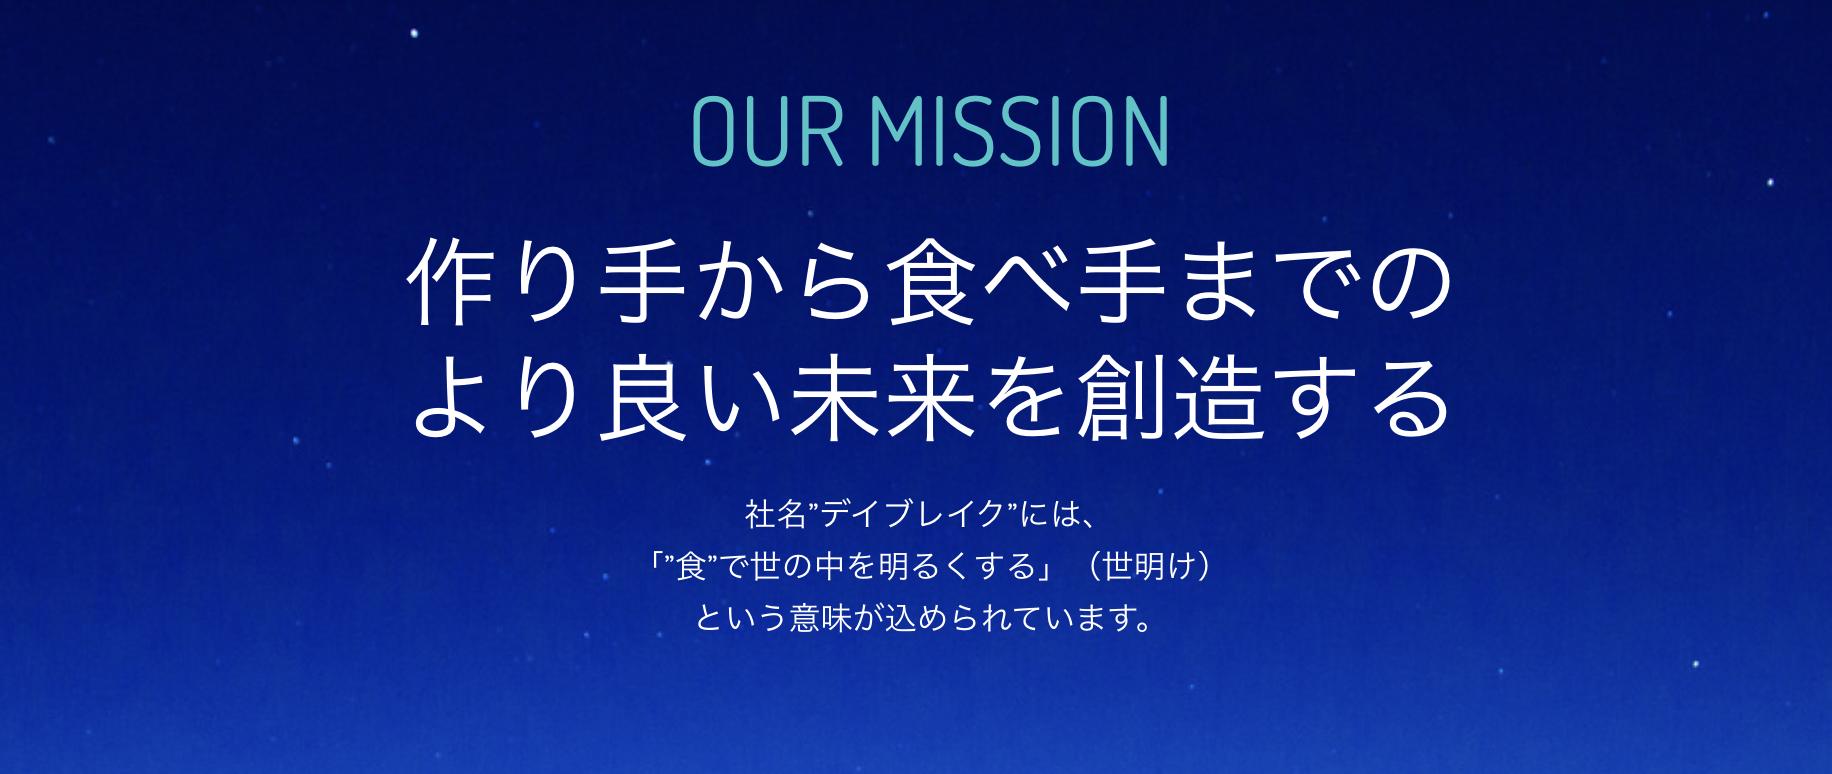 デイブレイク ミッション